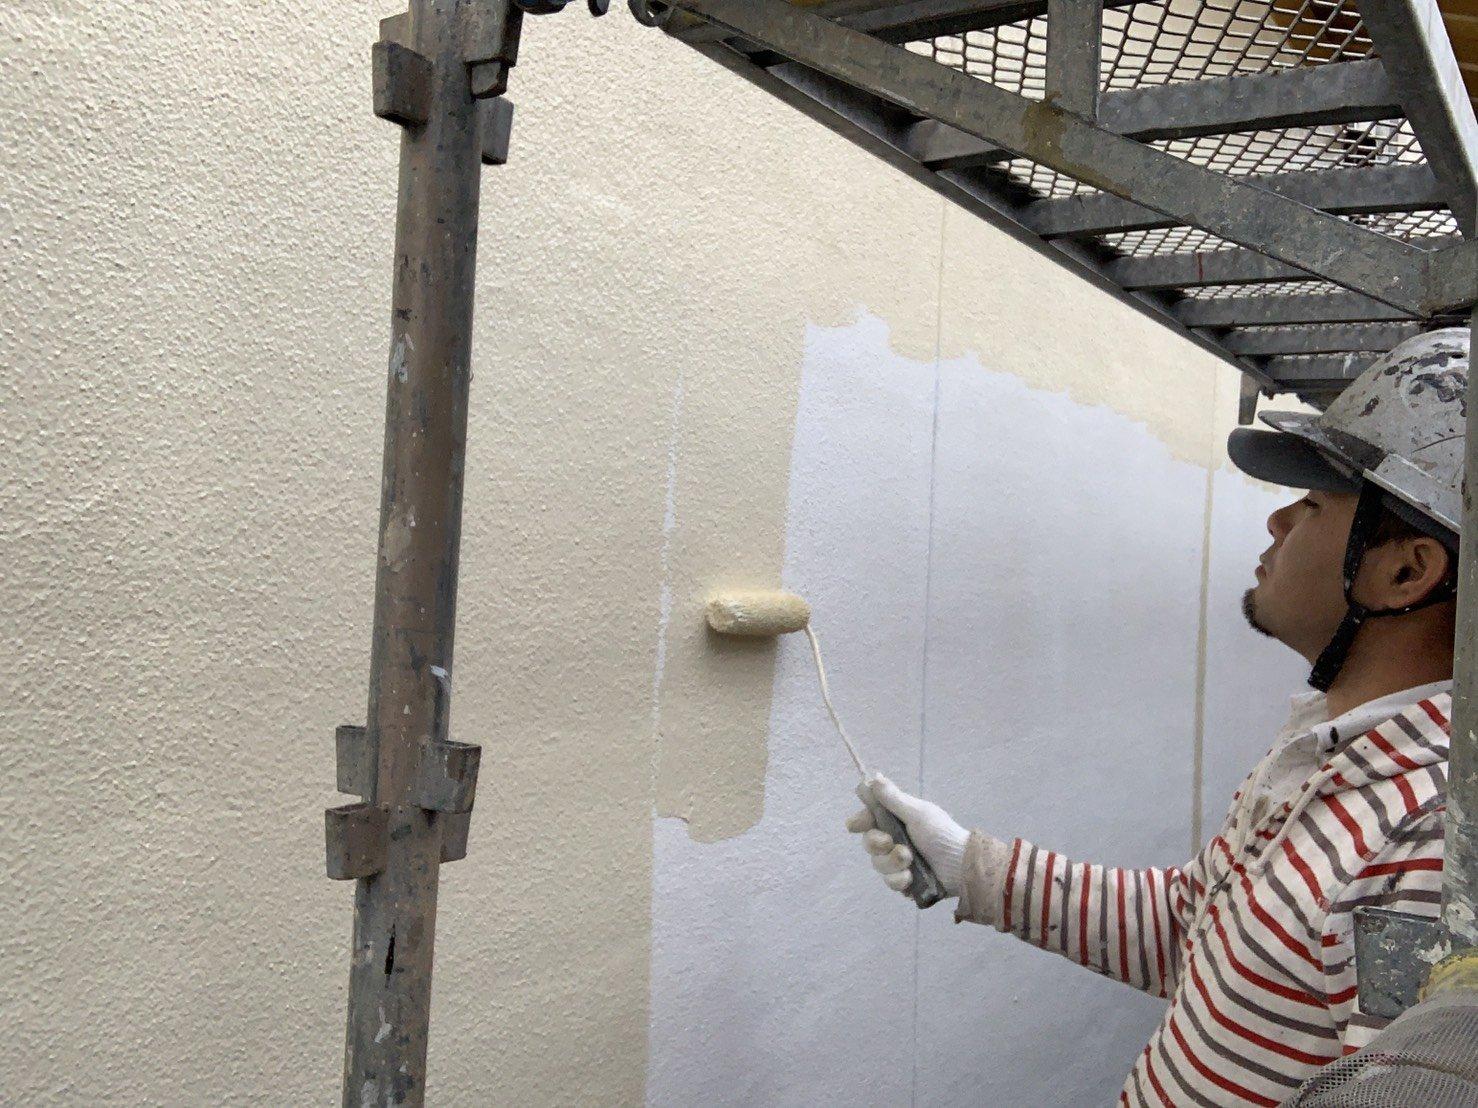 福岡県糟屋郡宇美町H 様邸施工4日目中間検査外壁中塗り付帯塗装作業